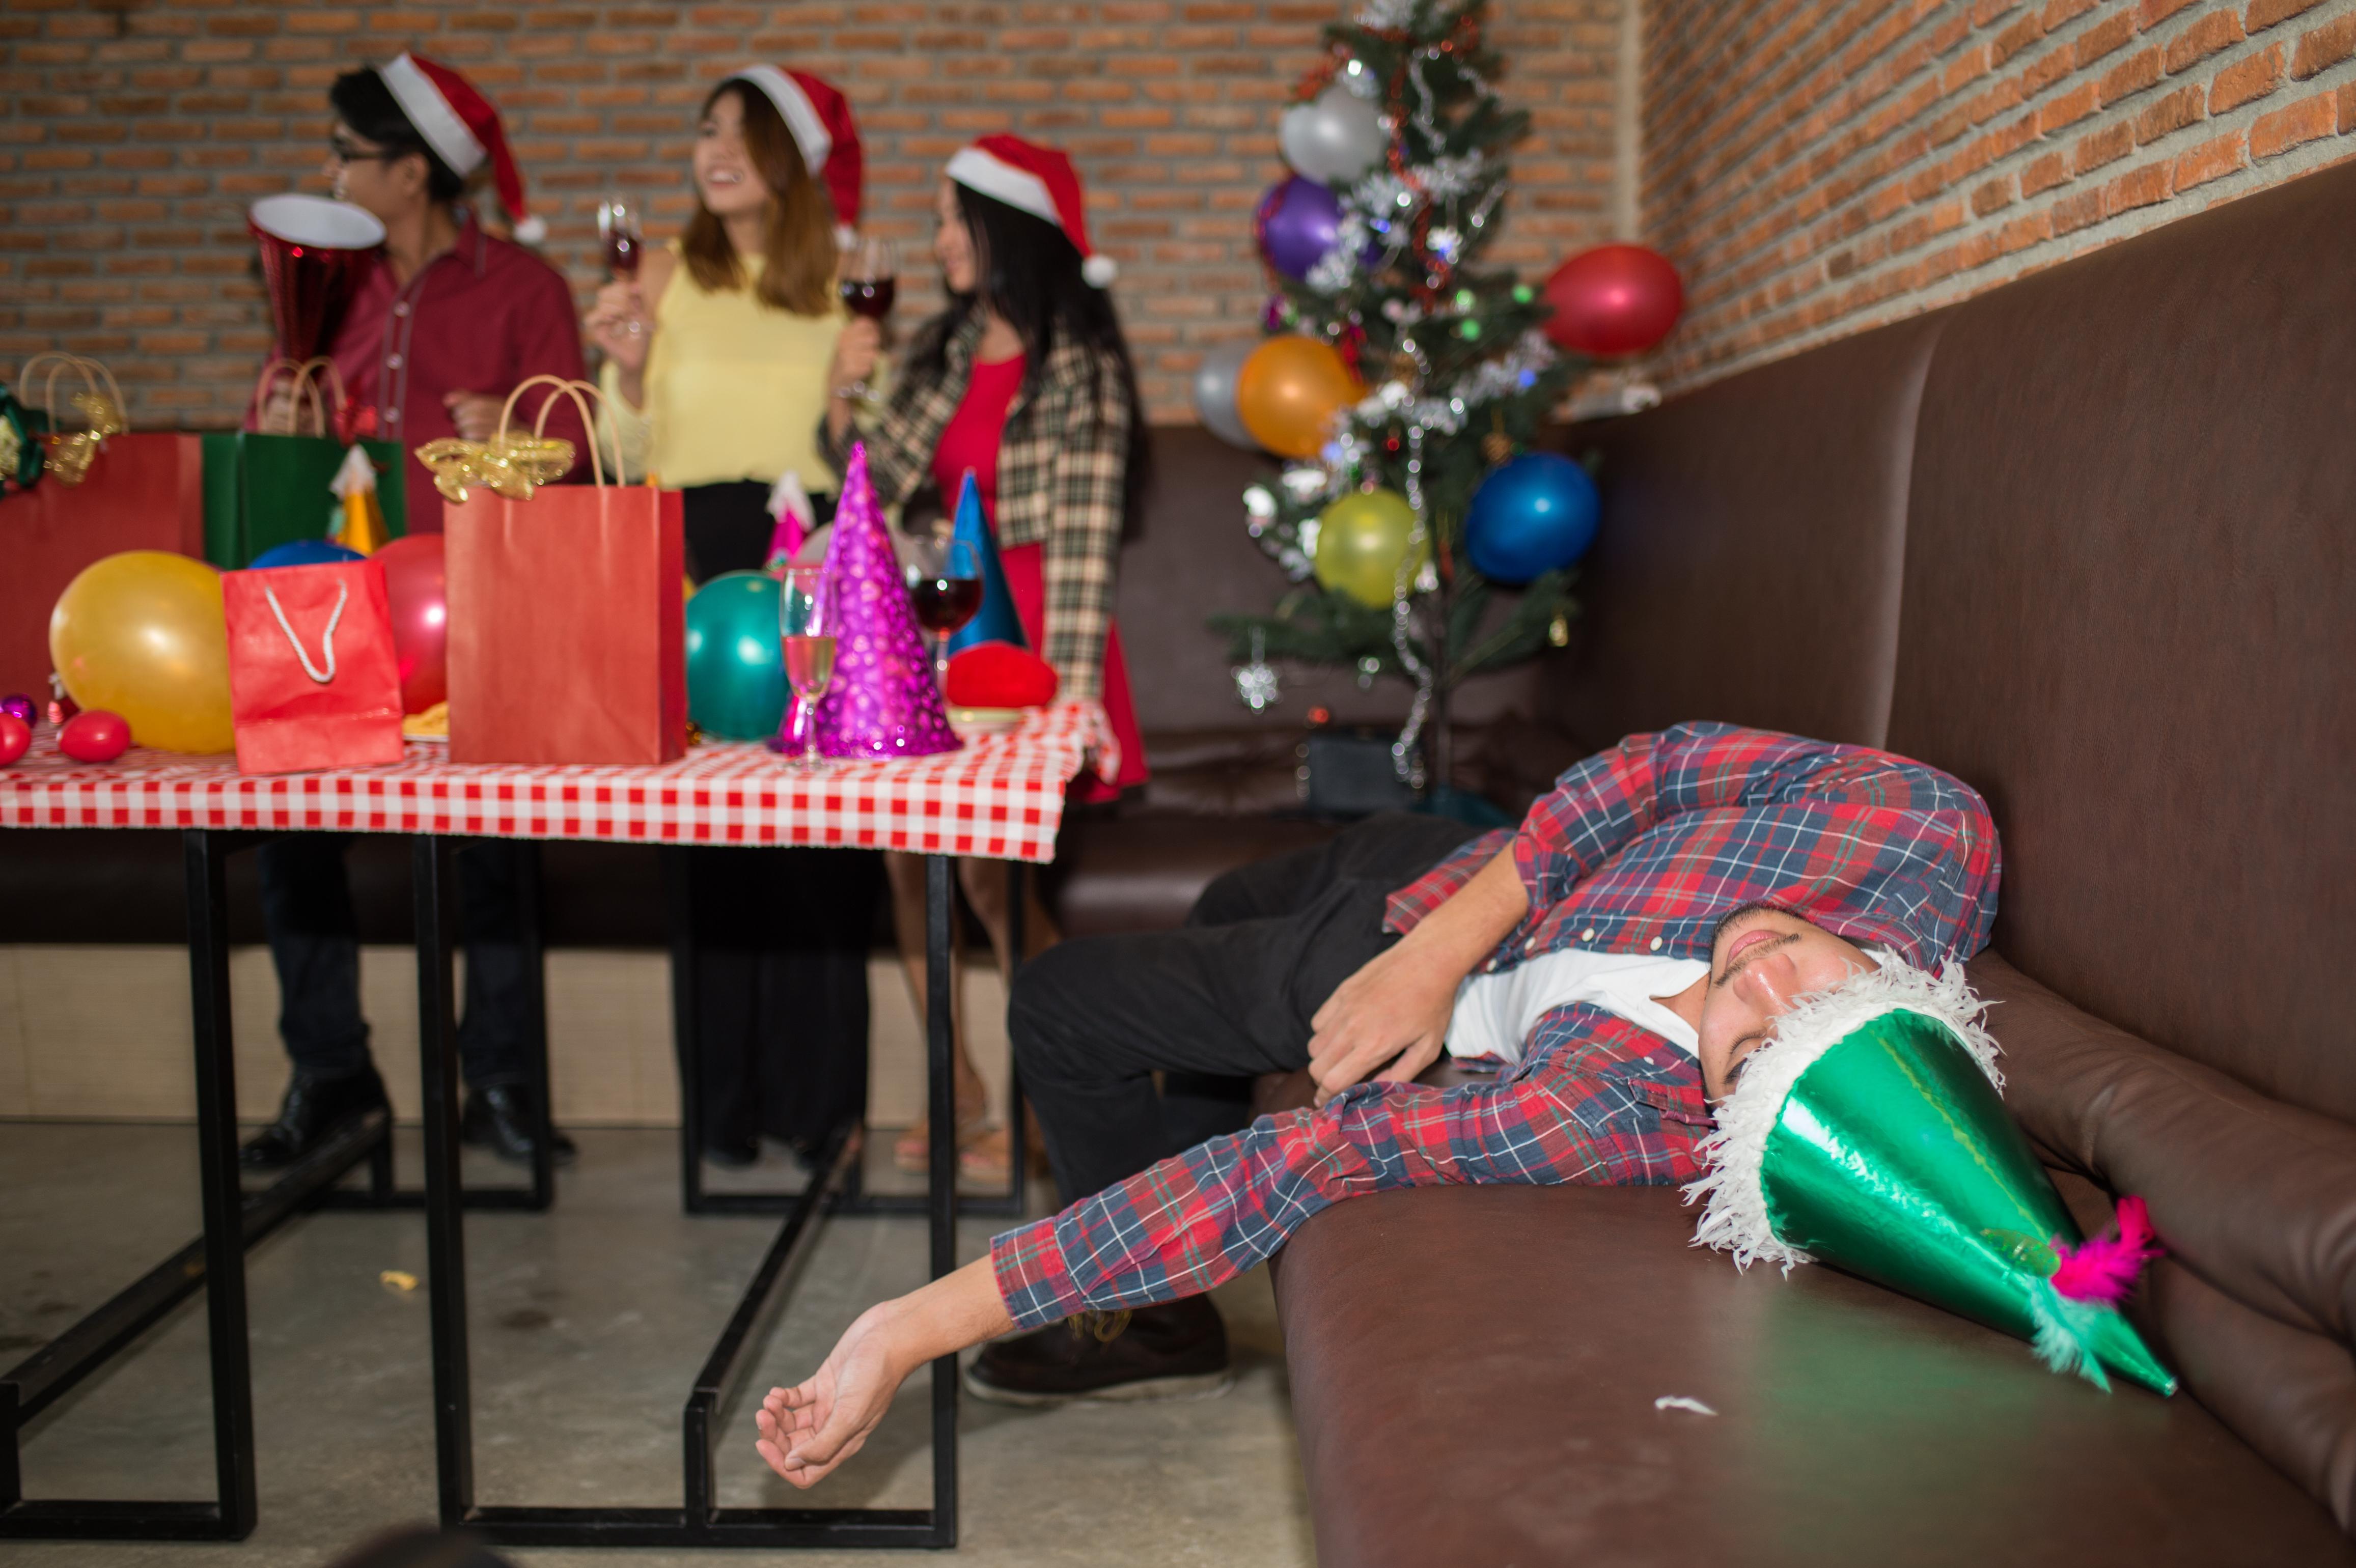 I Sifos senaste undersökning svarade 42 procent att de har varit med på något julfirande där de tycker att det har druckts för mycket alkohol.